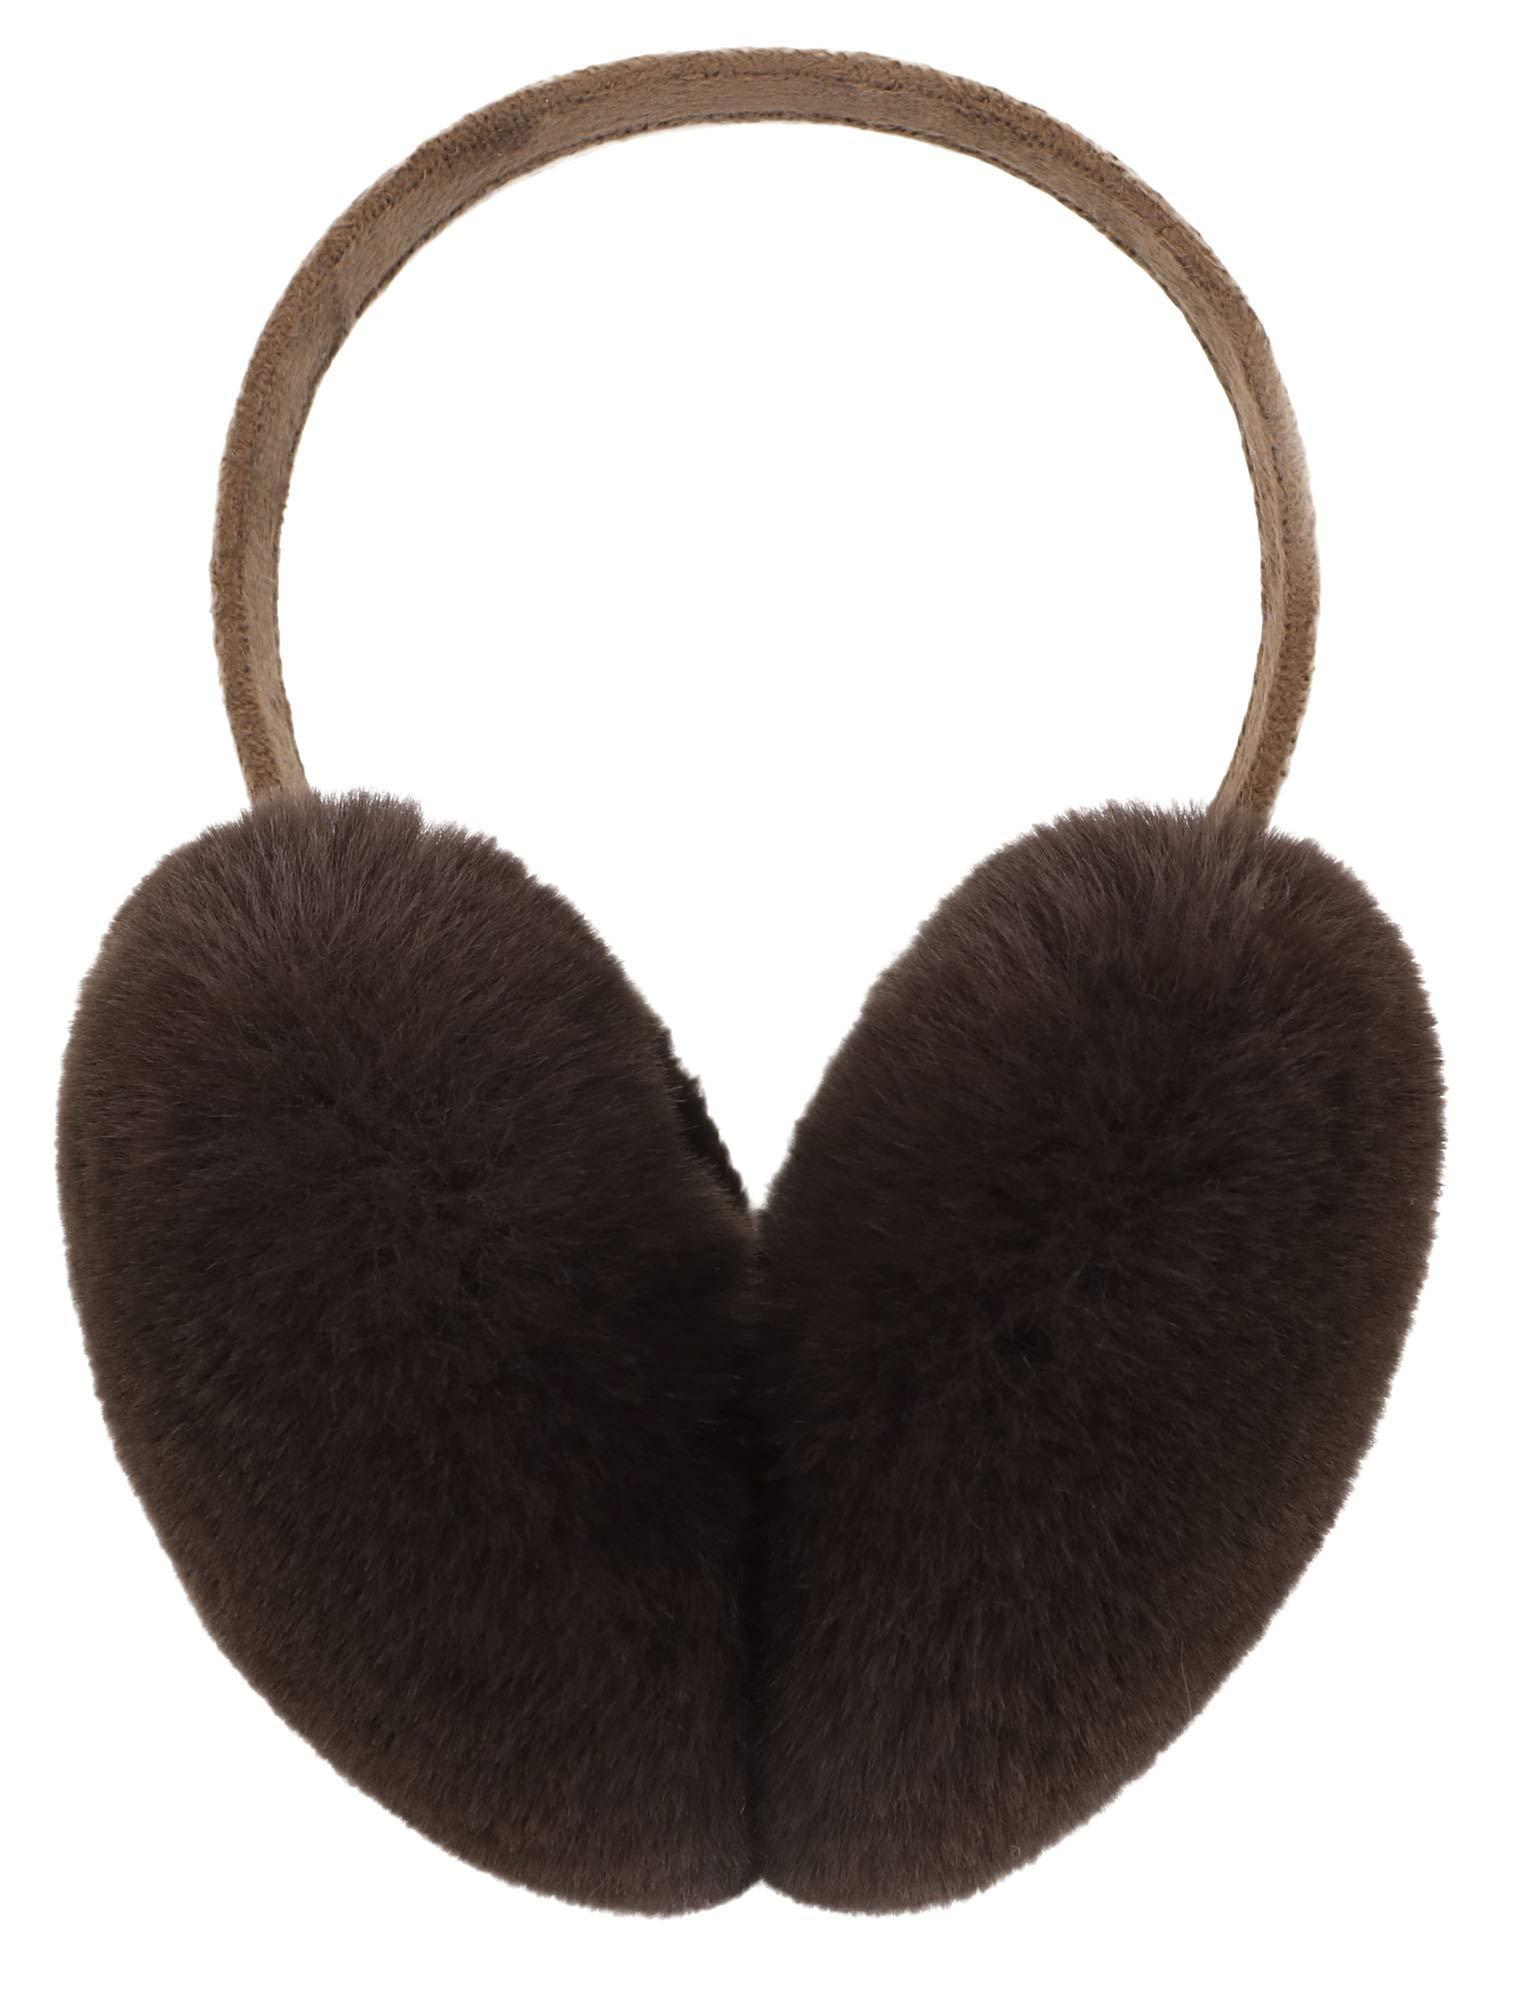 Lullaby Unisex Womens Mens Winter Warm Ear Muffs Faux Fur Ear Warmers